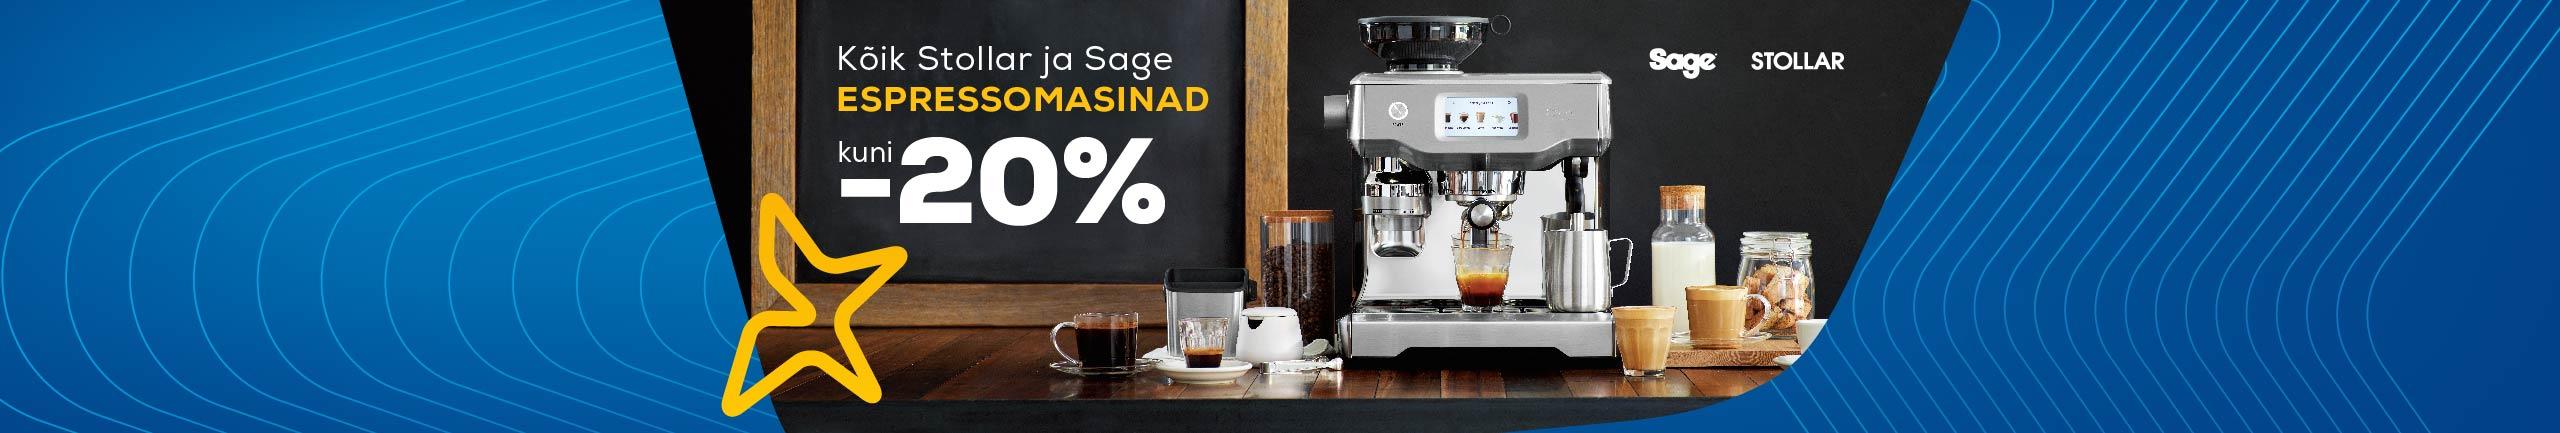 Kõik Stollar ja Sage espressomasinad kuni  -20%